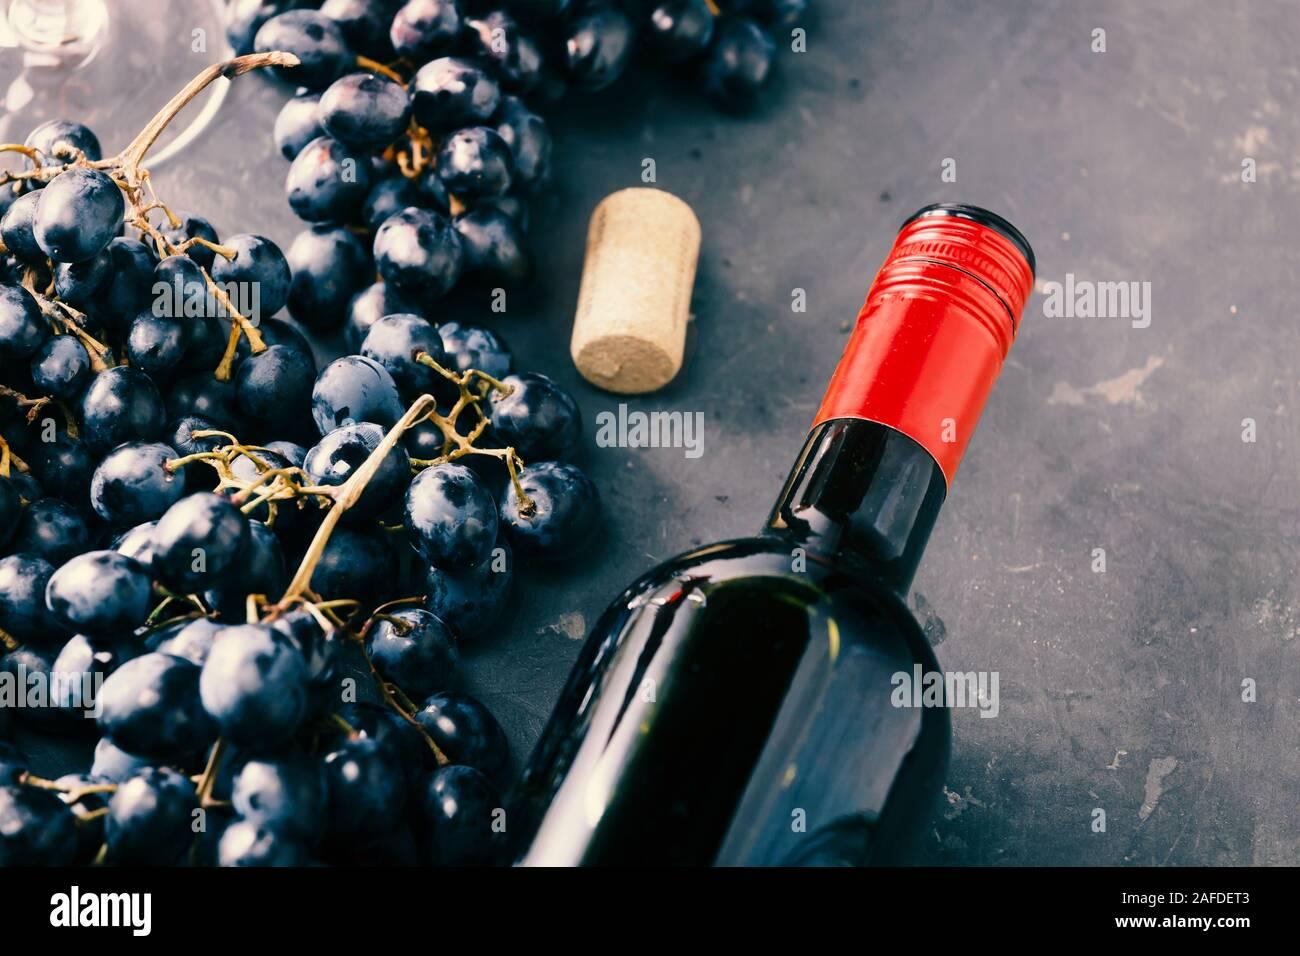 Chardonnay, Pinot noir, rosé, pinot, blume verdejo, notes de dégustation, oddero, chardonnay, don Banque D'Images